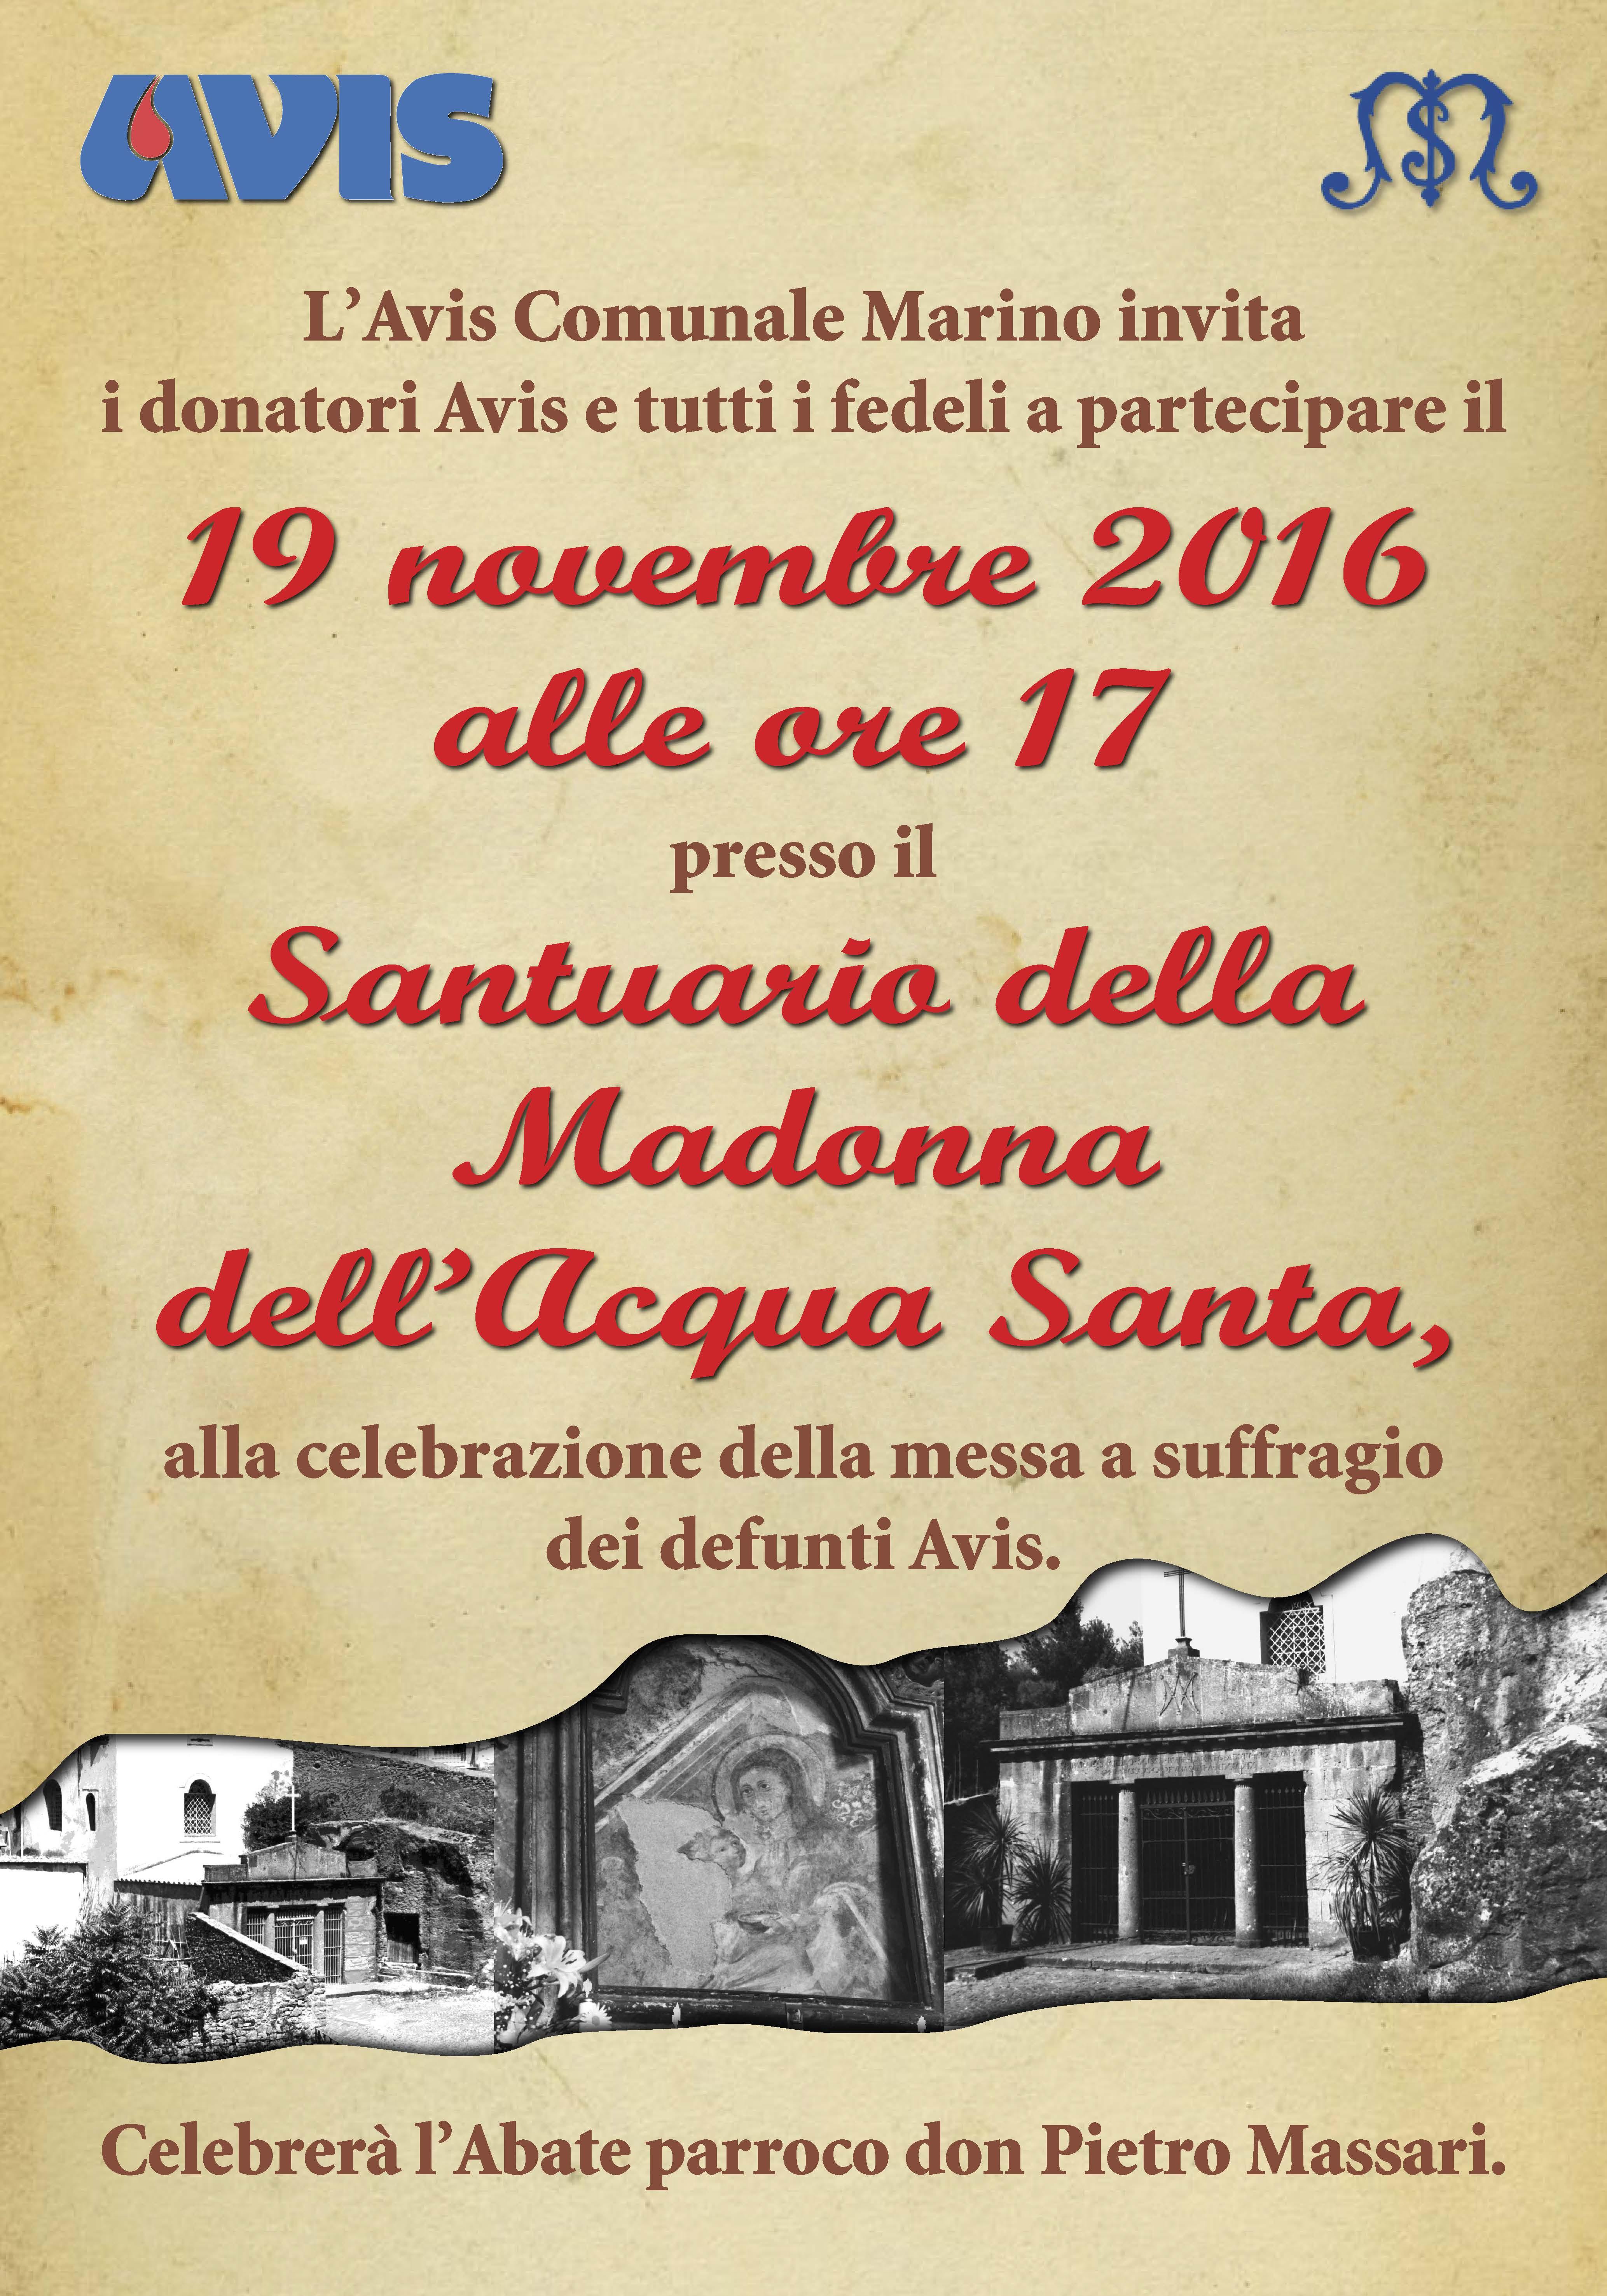 manifesto-avis-santuario-madonna-dellacqua-santa-2016